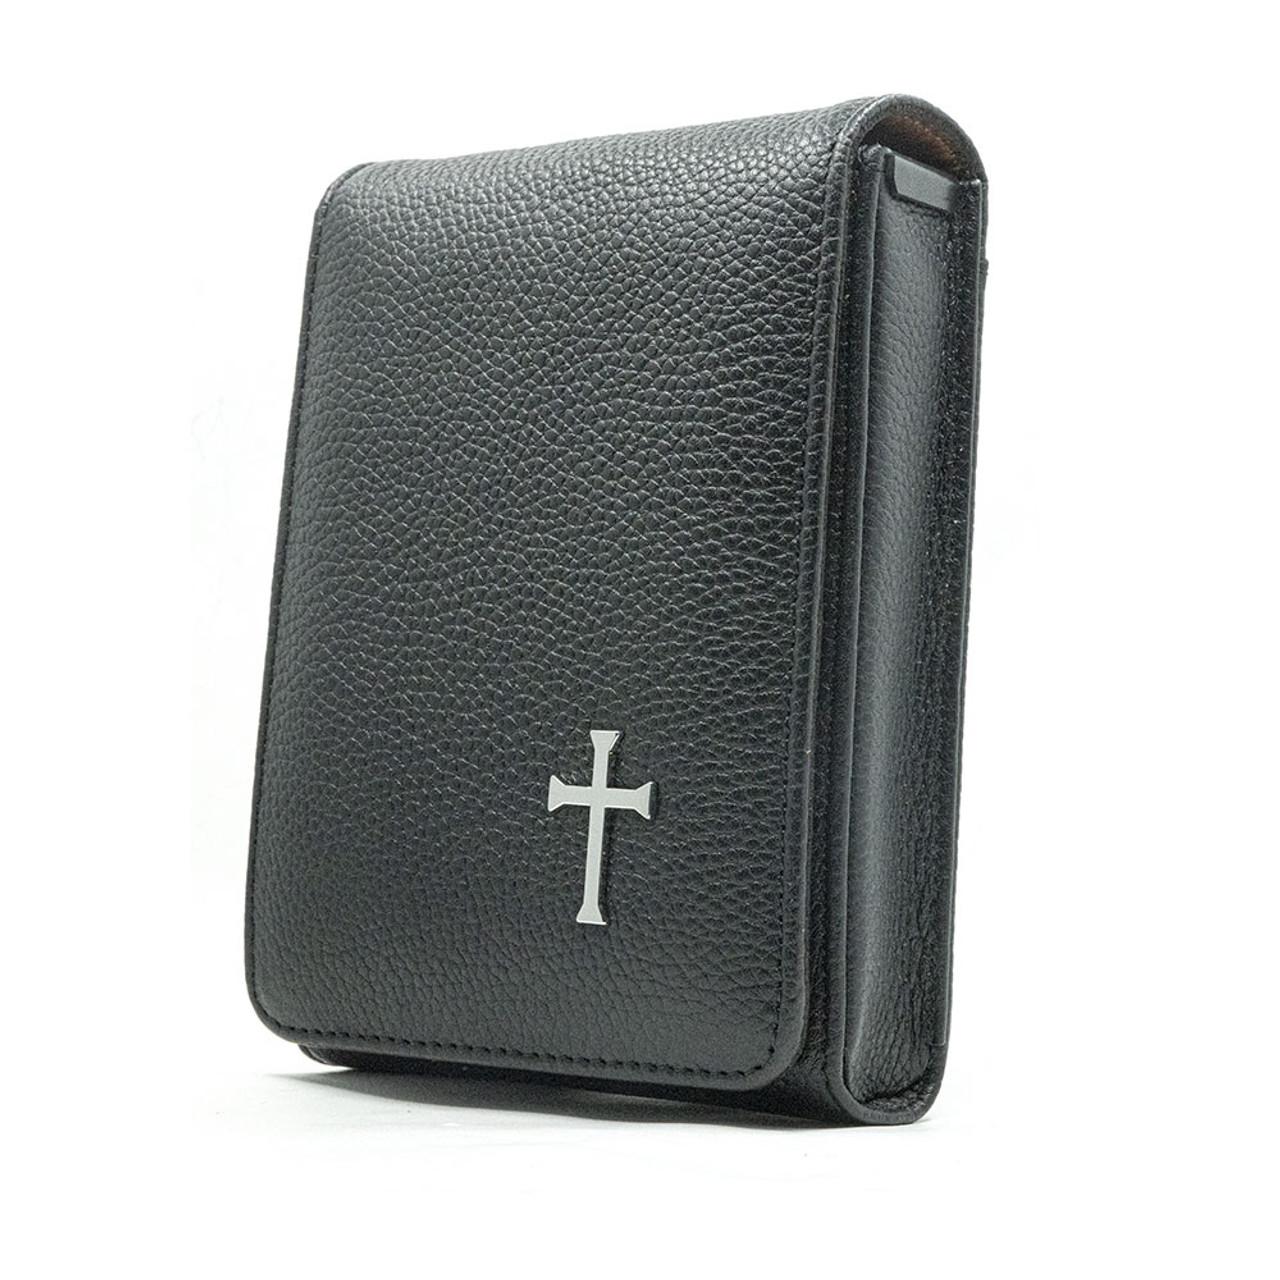 HK VP9 Black Leather Cross Series Holster